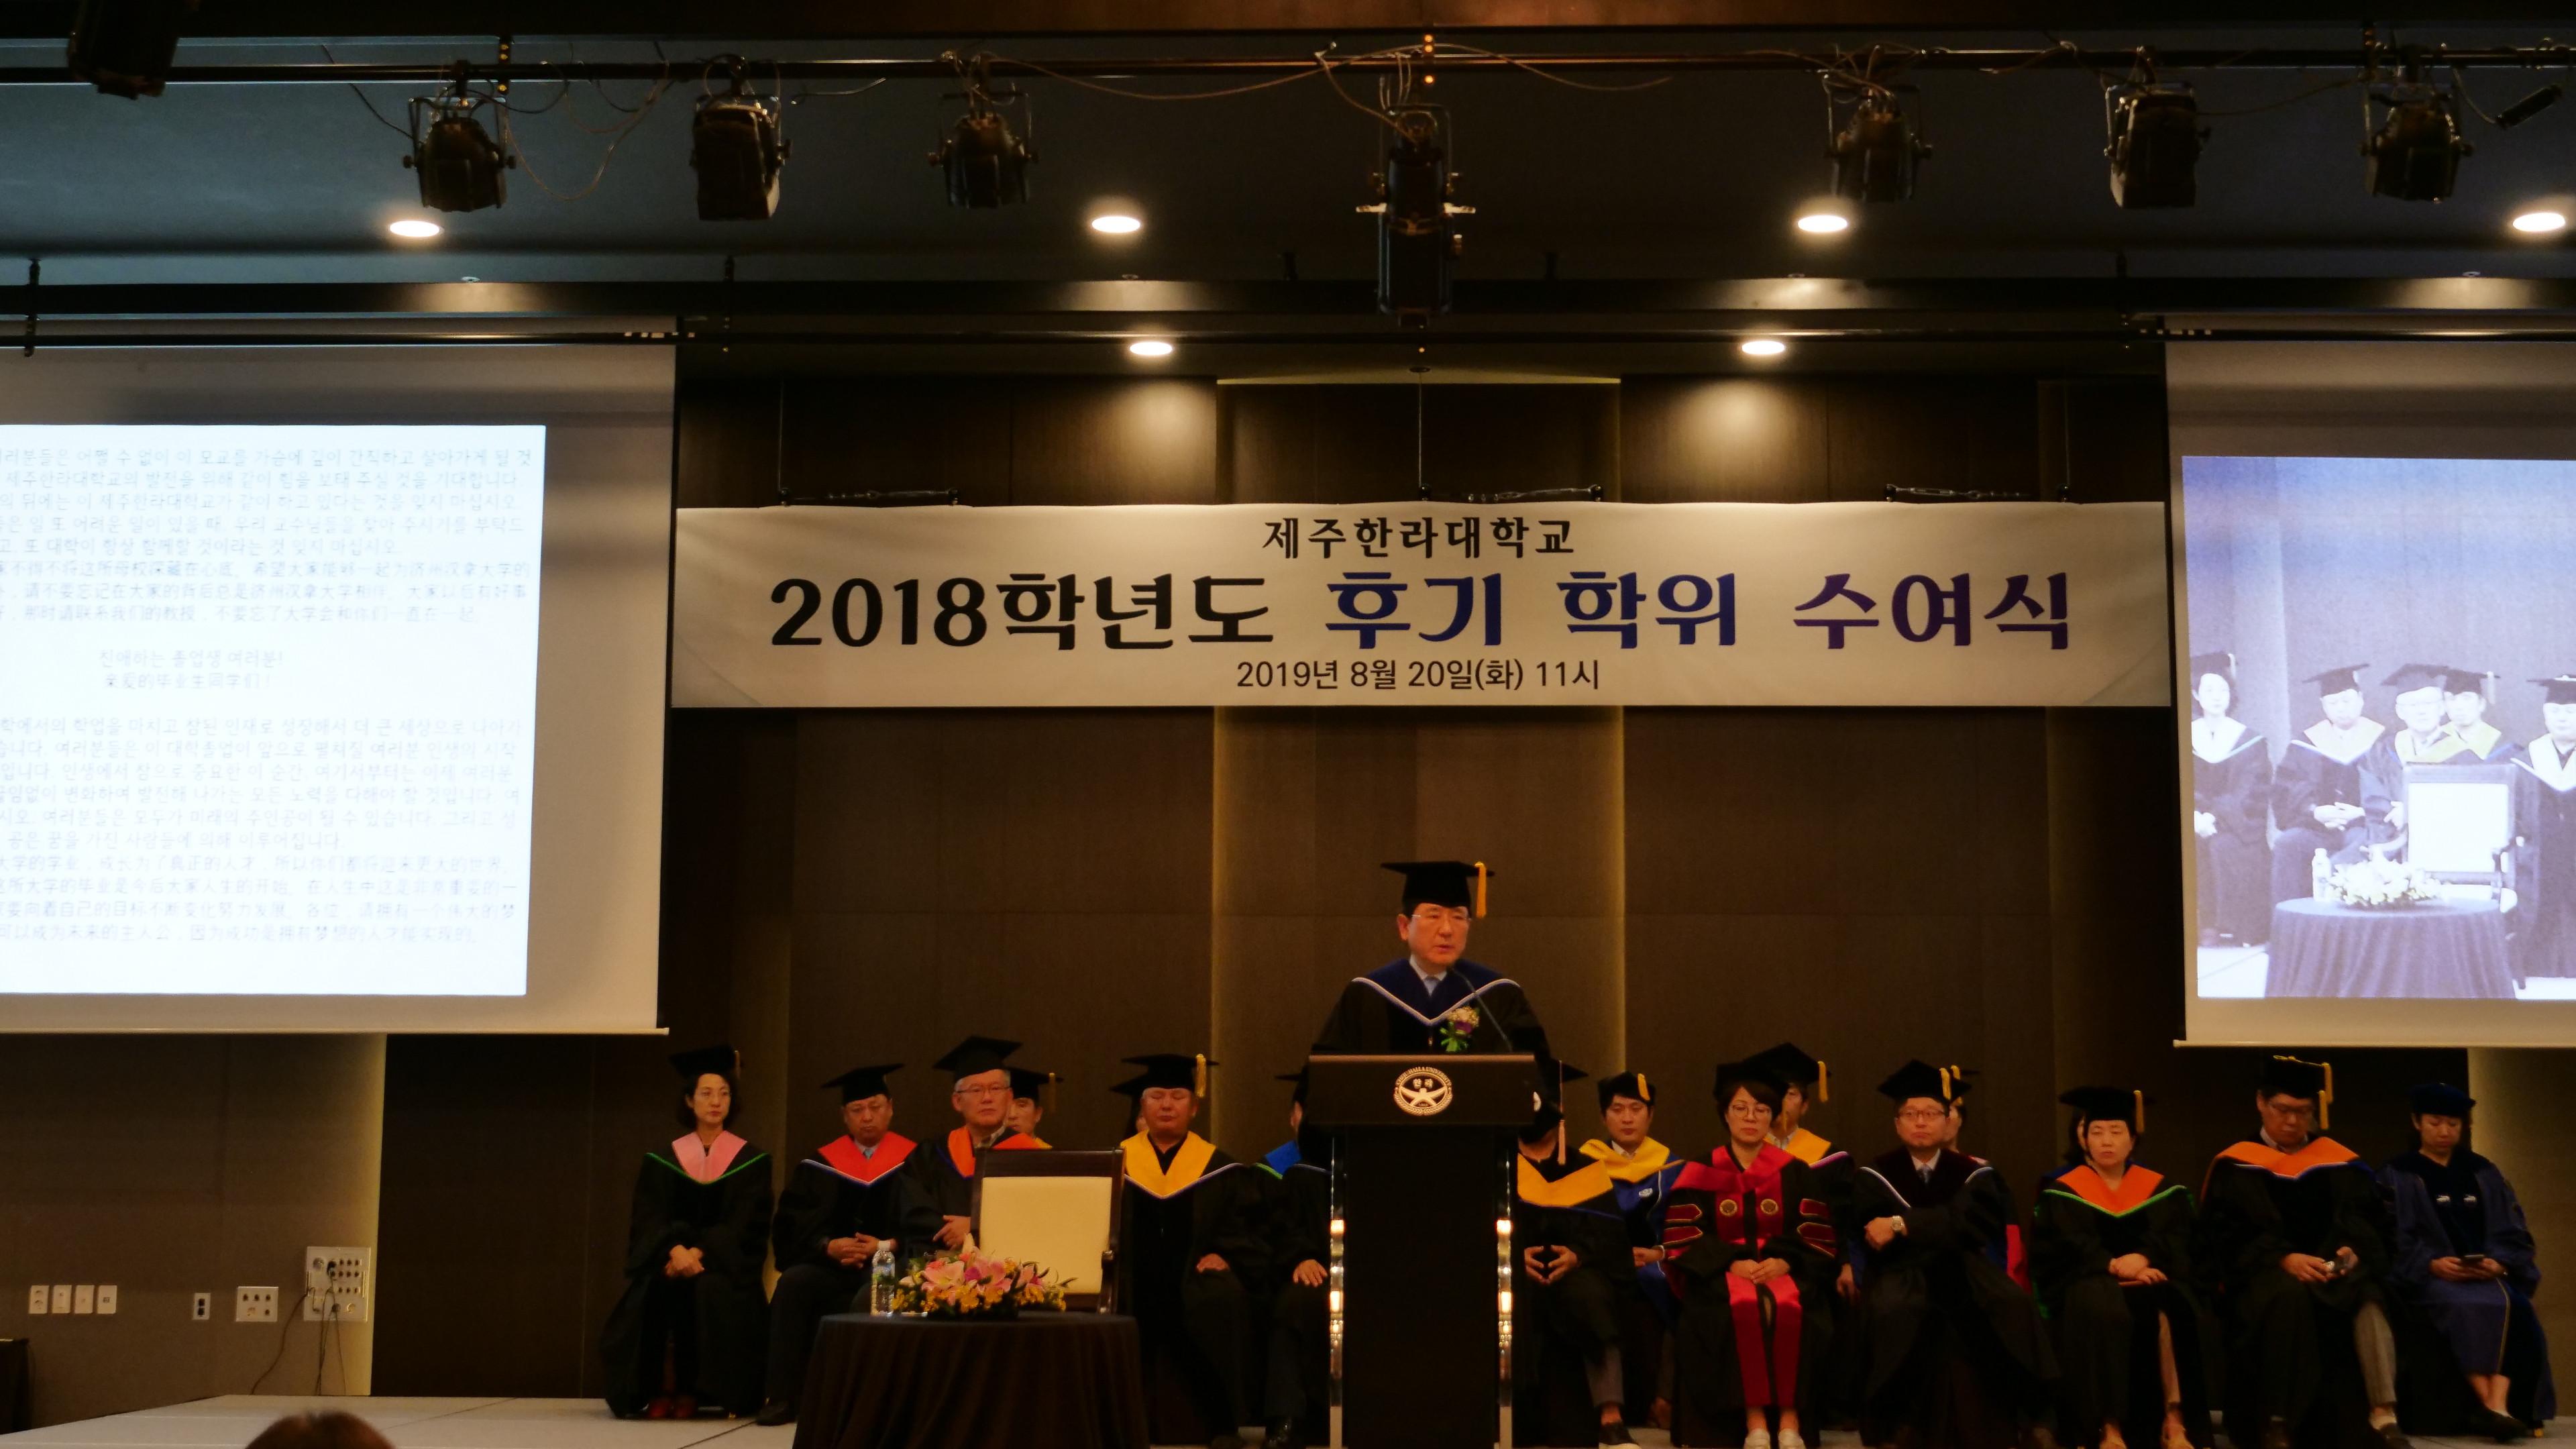 제주한라대학교 2018학년도 후기 학위수여식 개최0